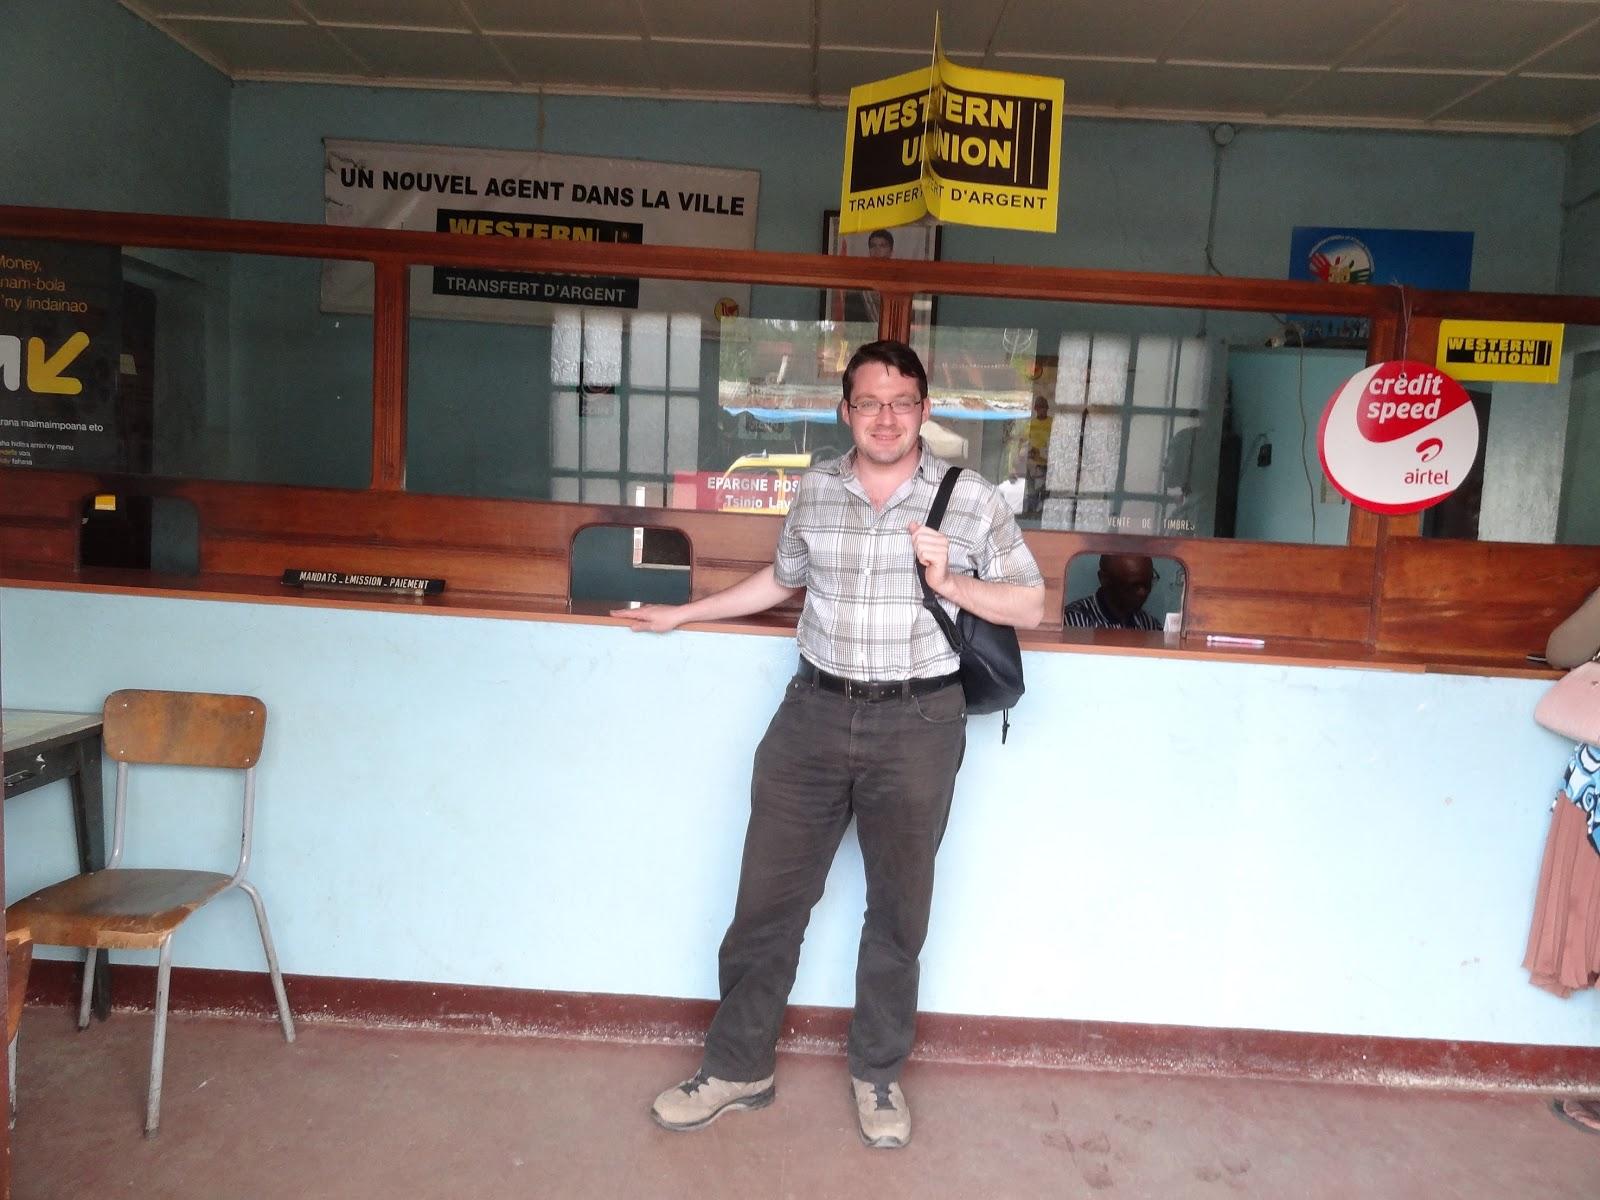 les guichets la poste malgache aussi se diversifie dans la telephonie mobile et les transferts d argent